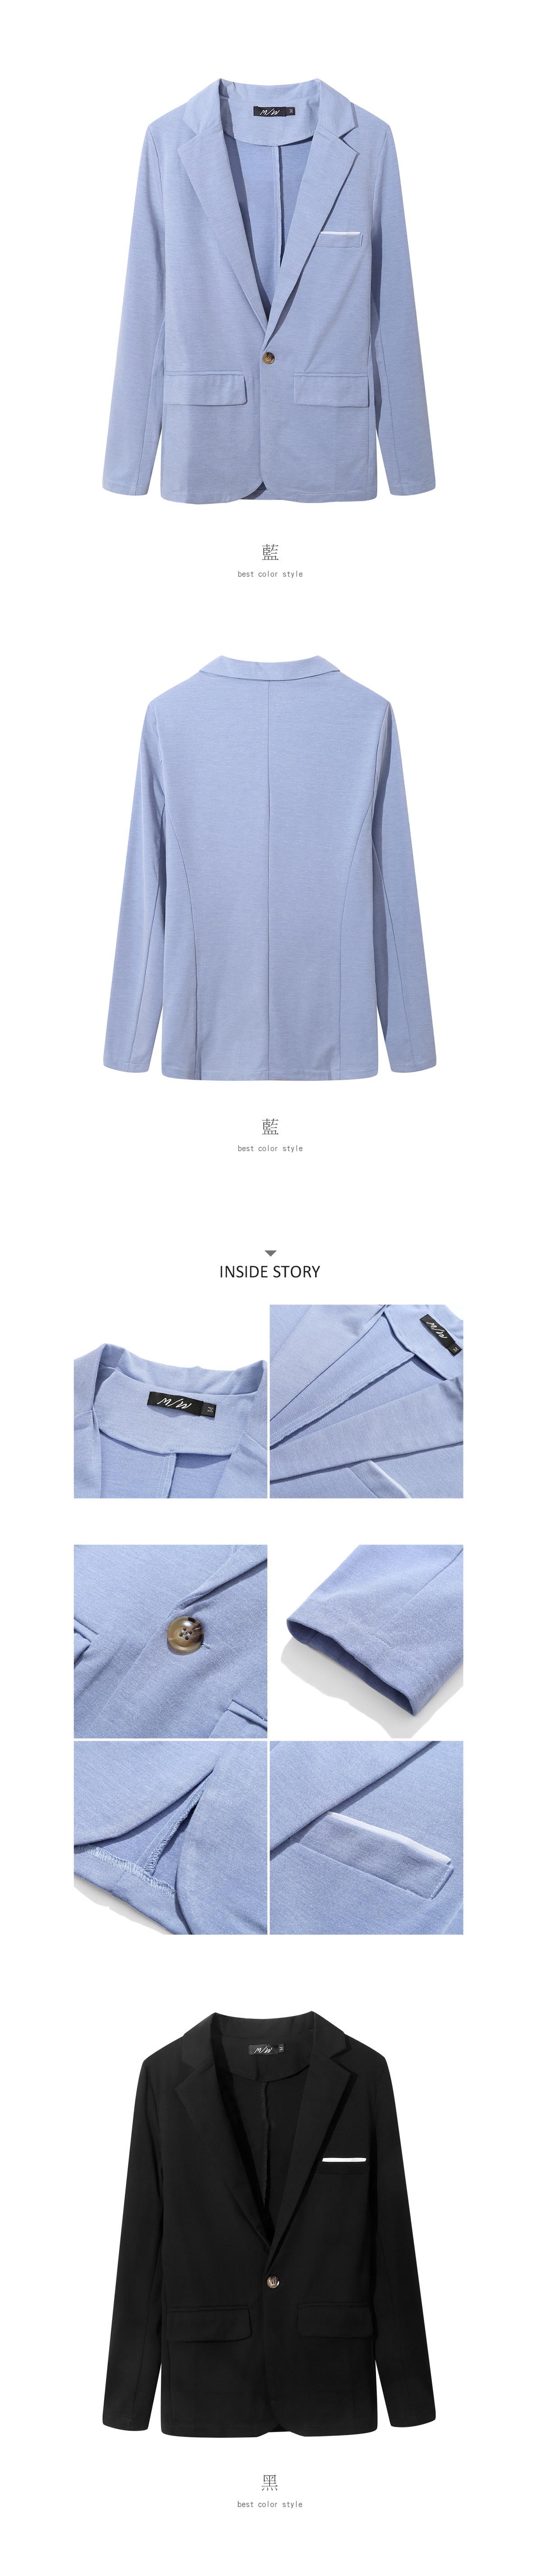 【季末出清】韓國製造.超高品質.單扣西裝外套